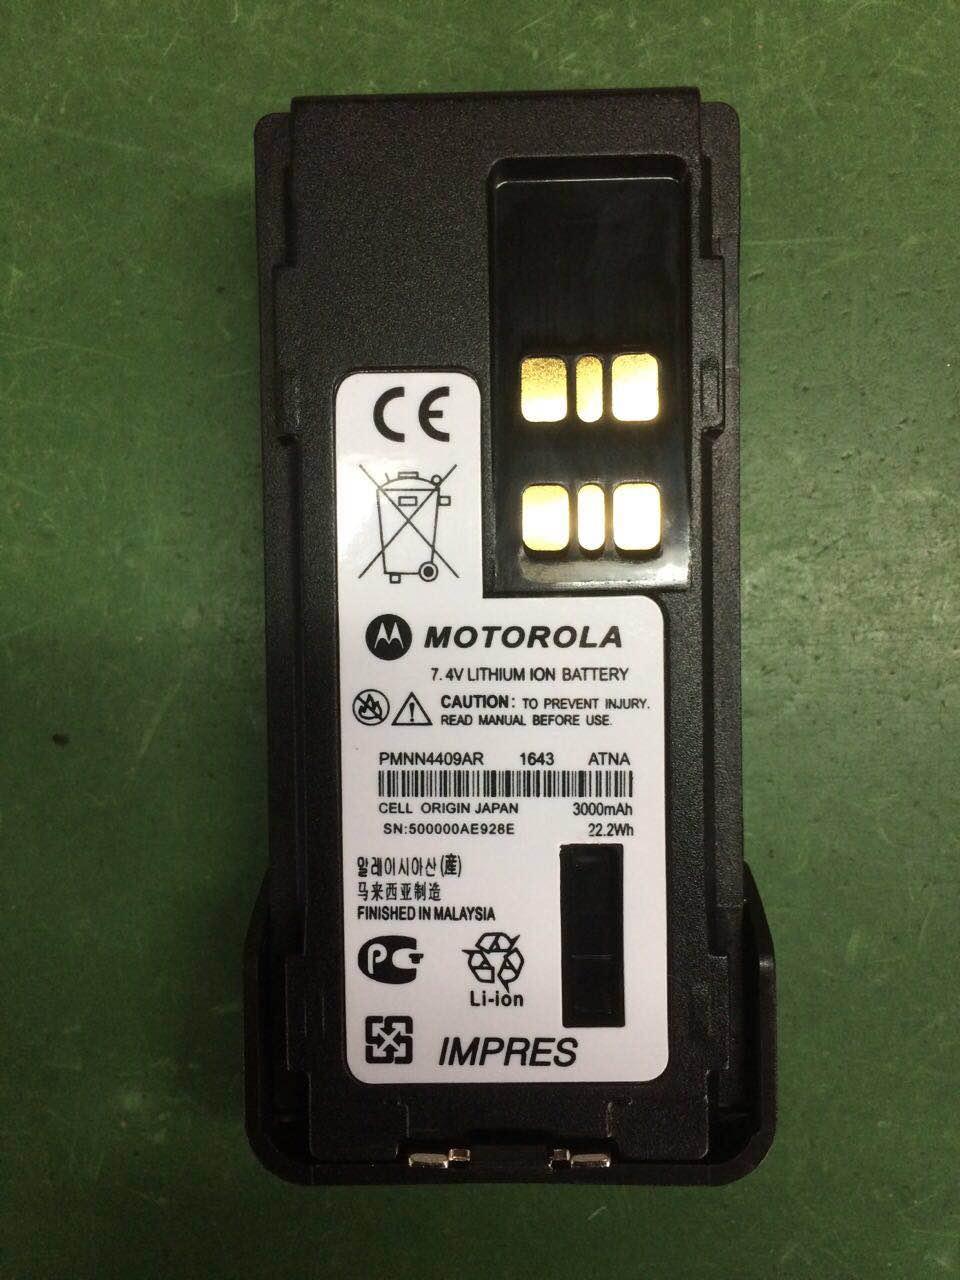 15 pcs Batterie pour Motorola radiostation DP4801 Ex VHF, DP4801 Ex UHF, DP4401 Ex VHF, DP4401 Ex UHF talkie walkie radio